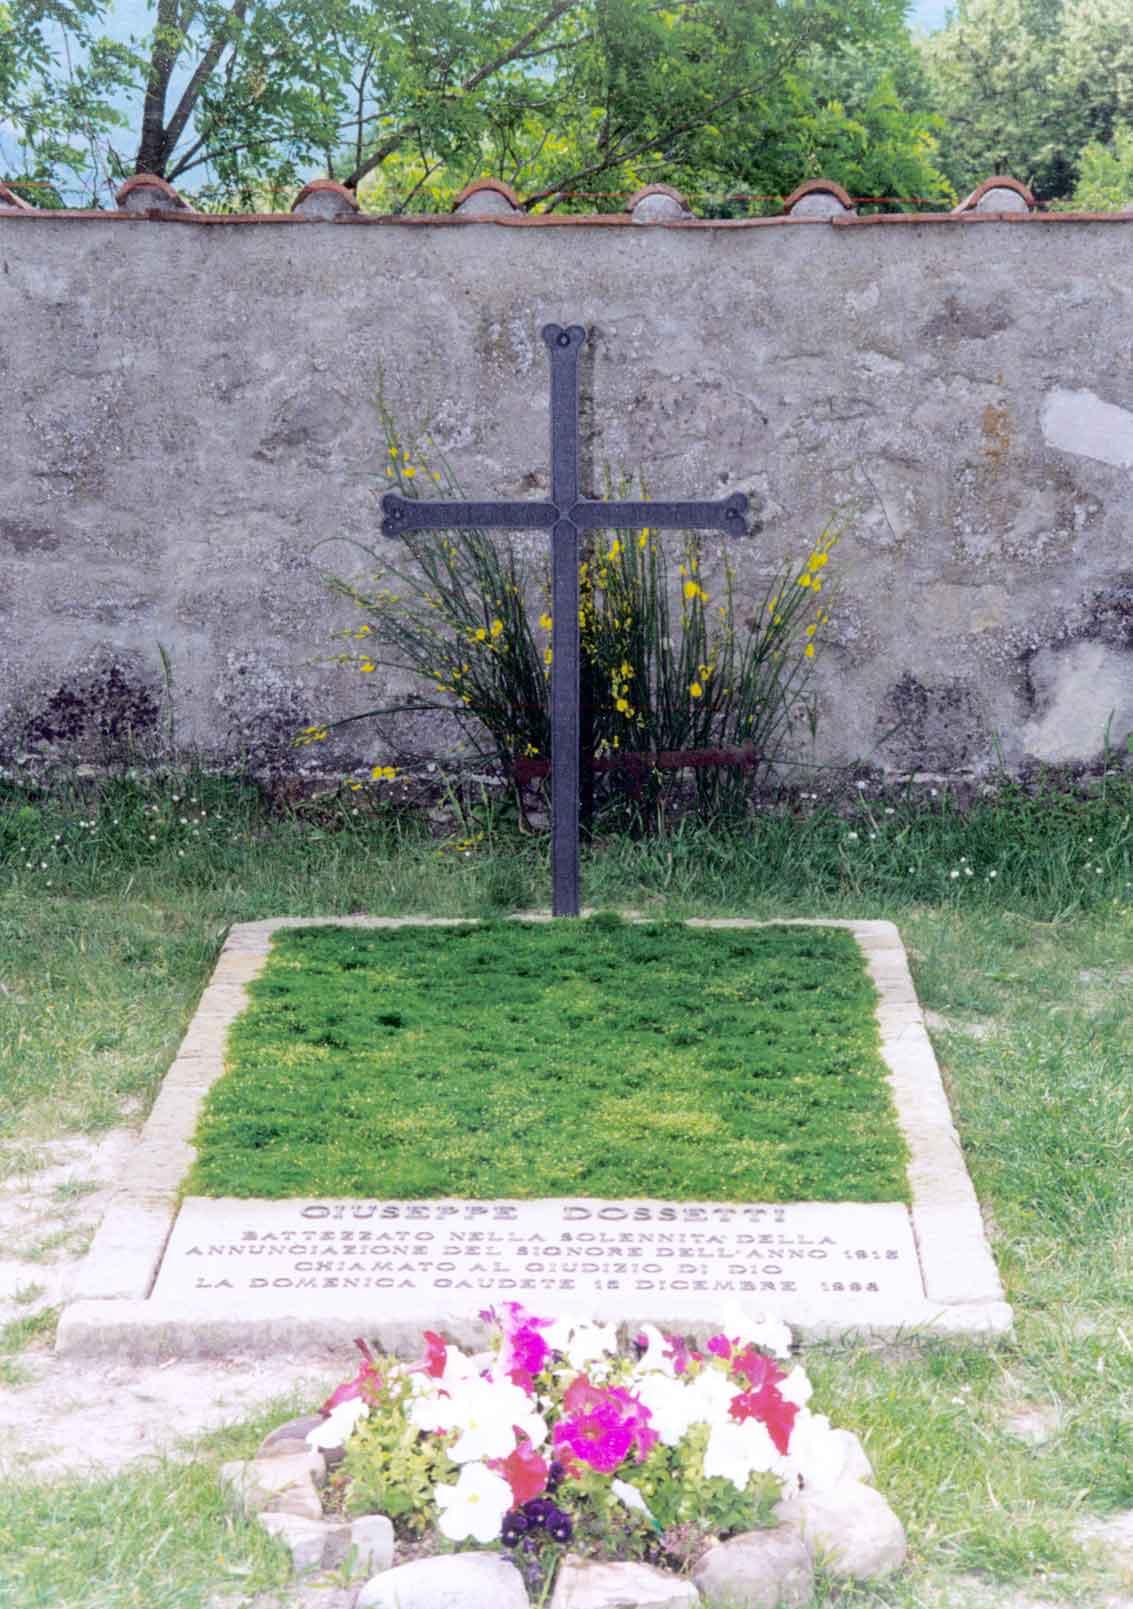 1997 La tomba - Cimitero di Casaglia, Montesole